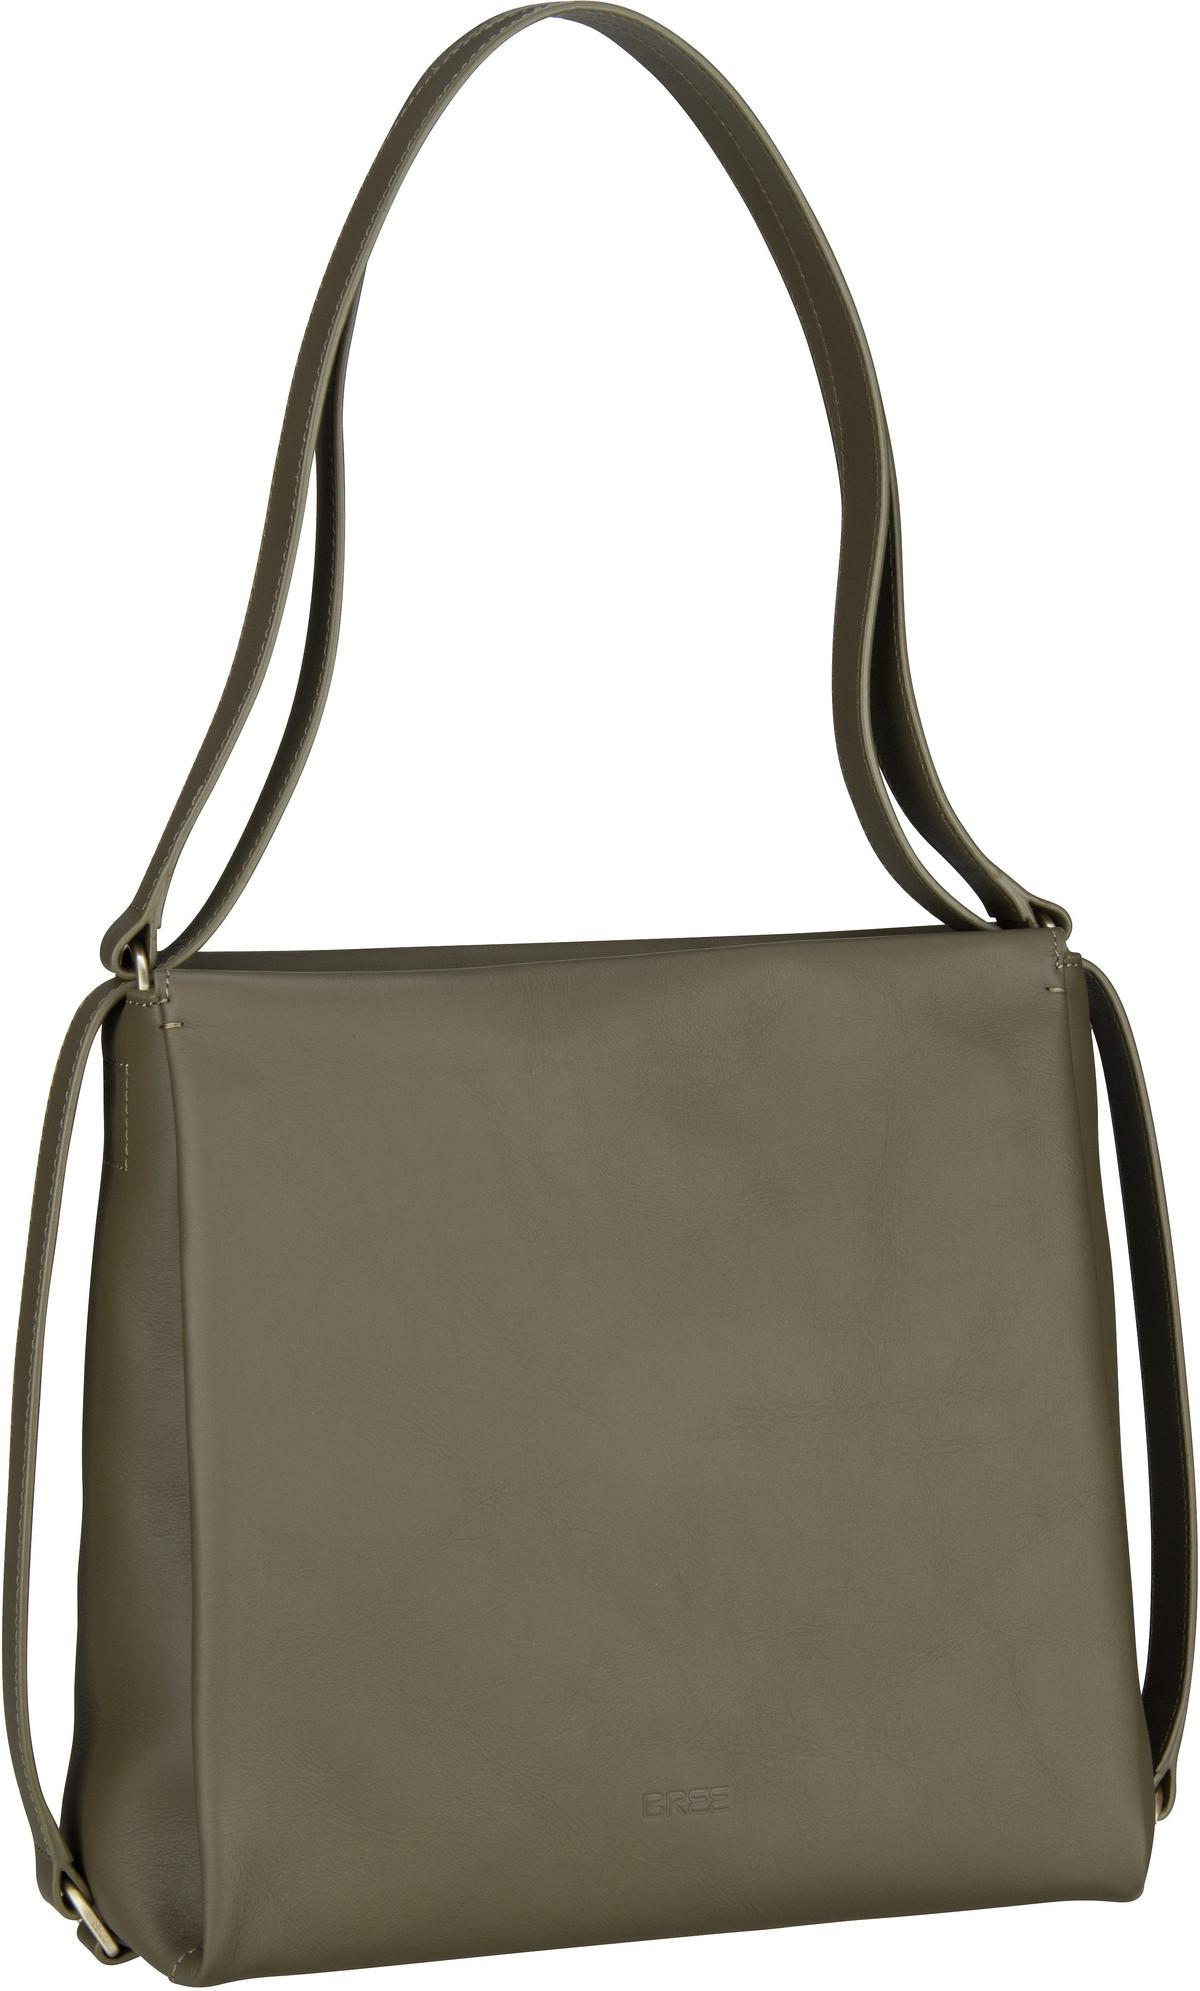 Handtasche Pure 6 Olive